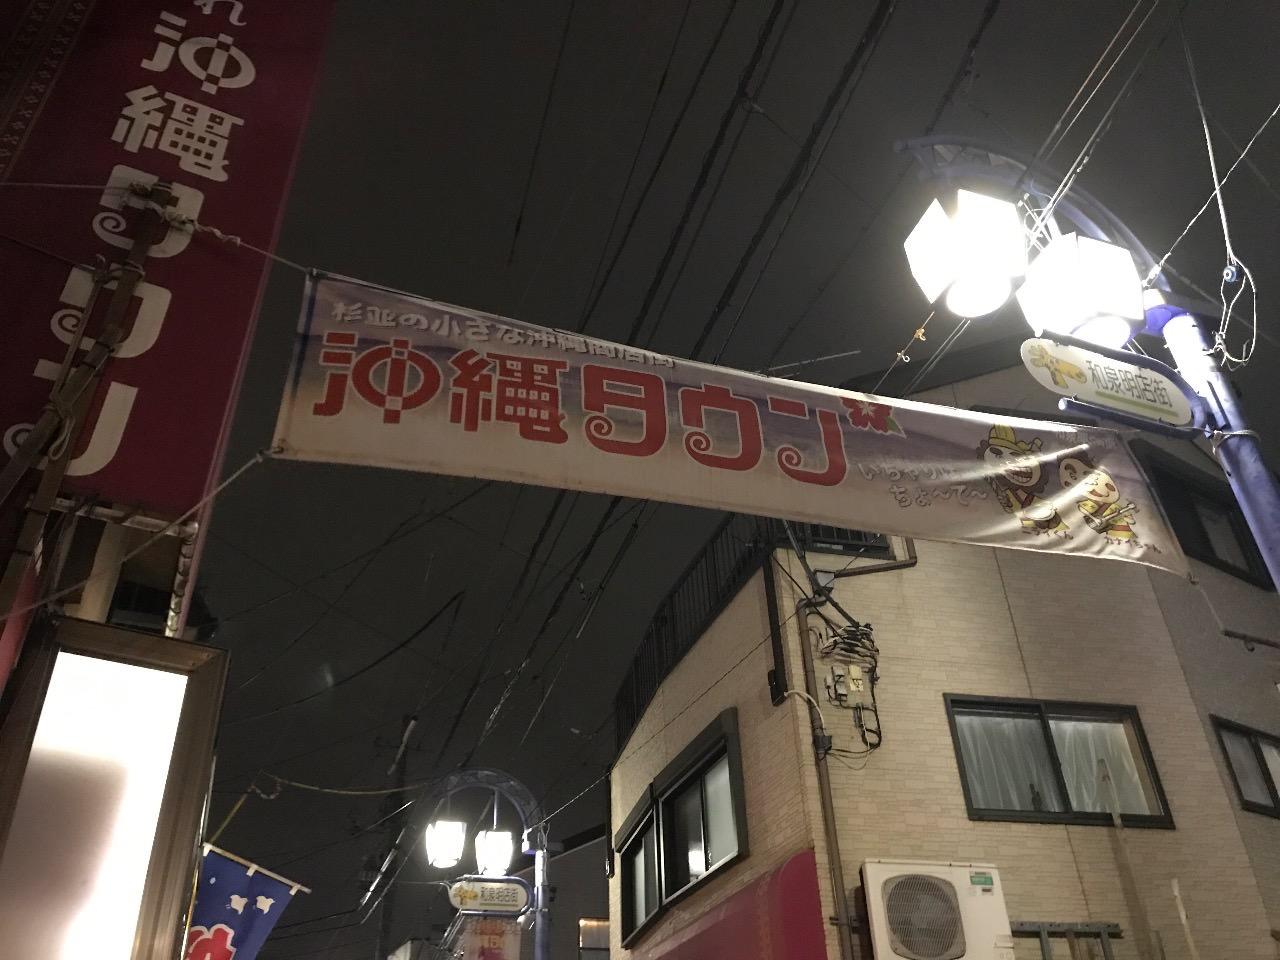 沖縄タウンの入口